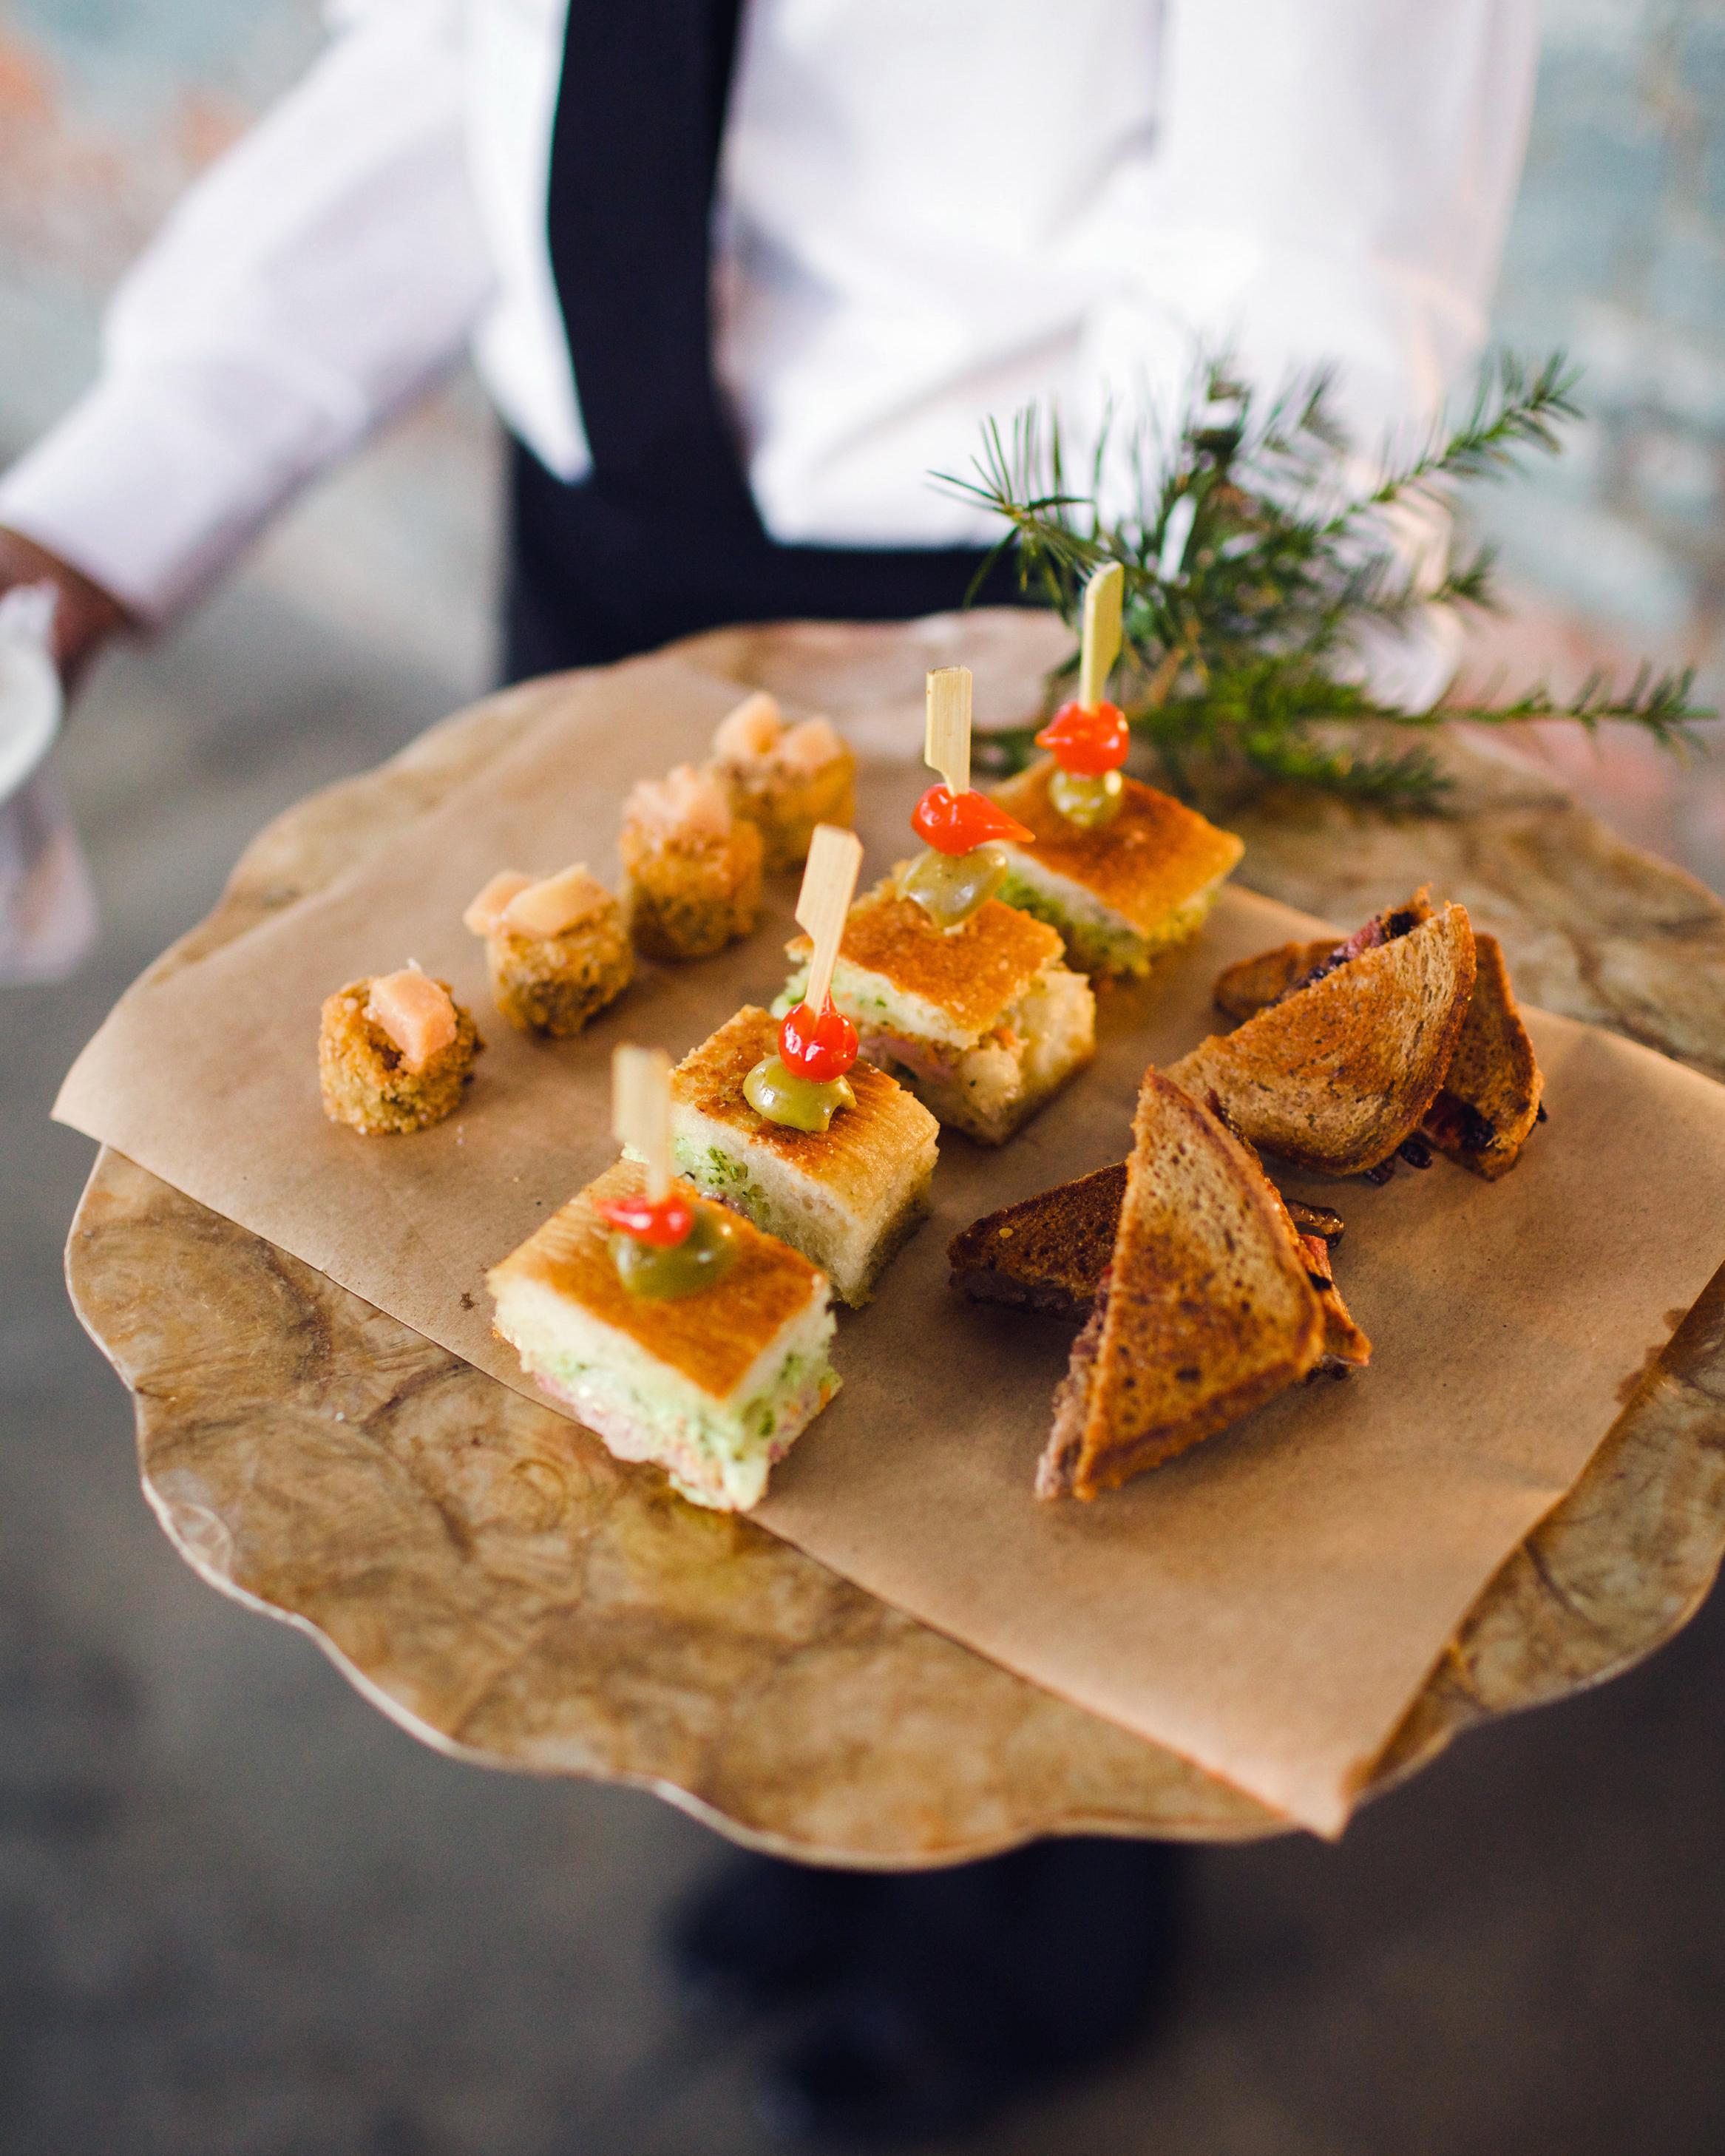 lauren-jake-wedding-appetizers-7359-s111838-0315.jpg